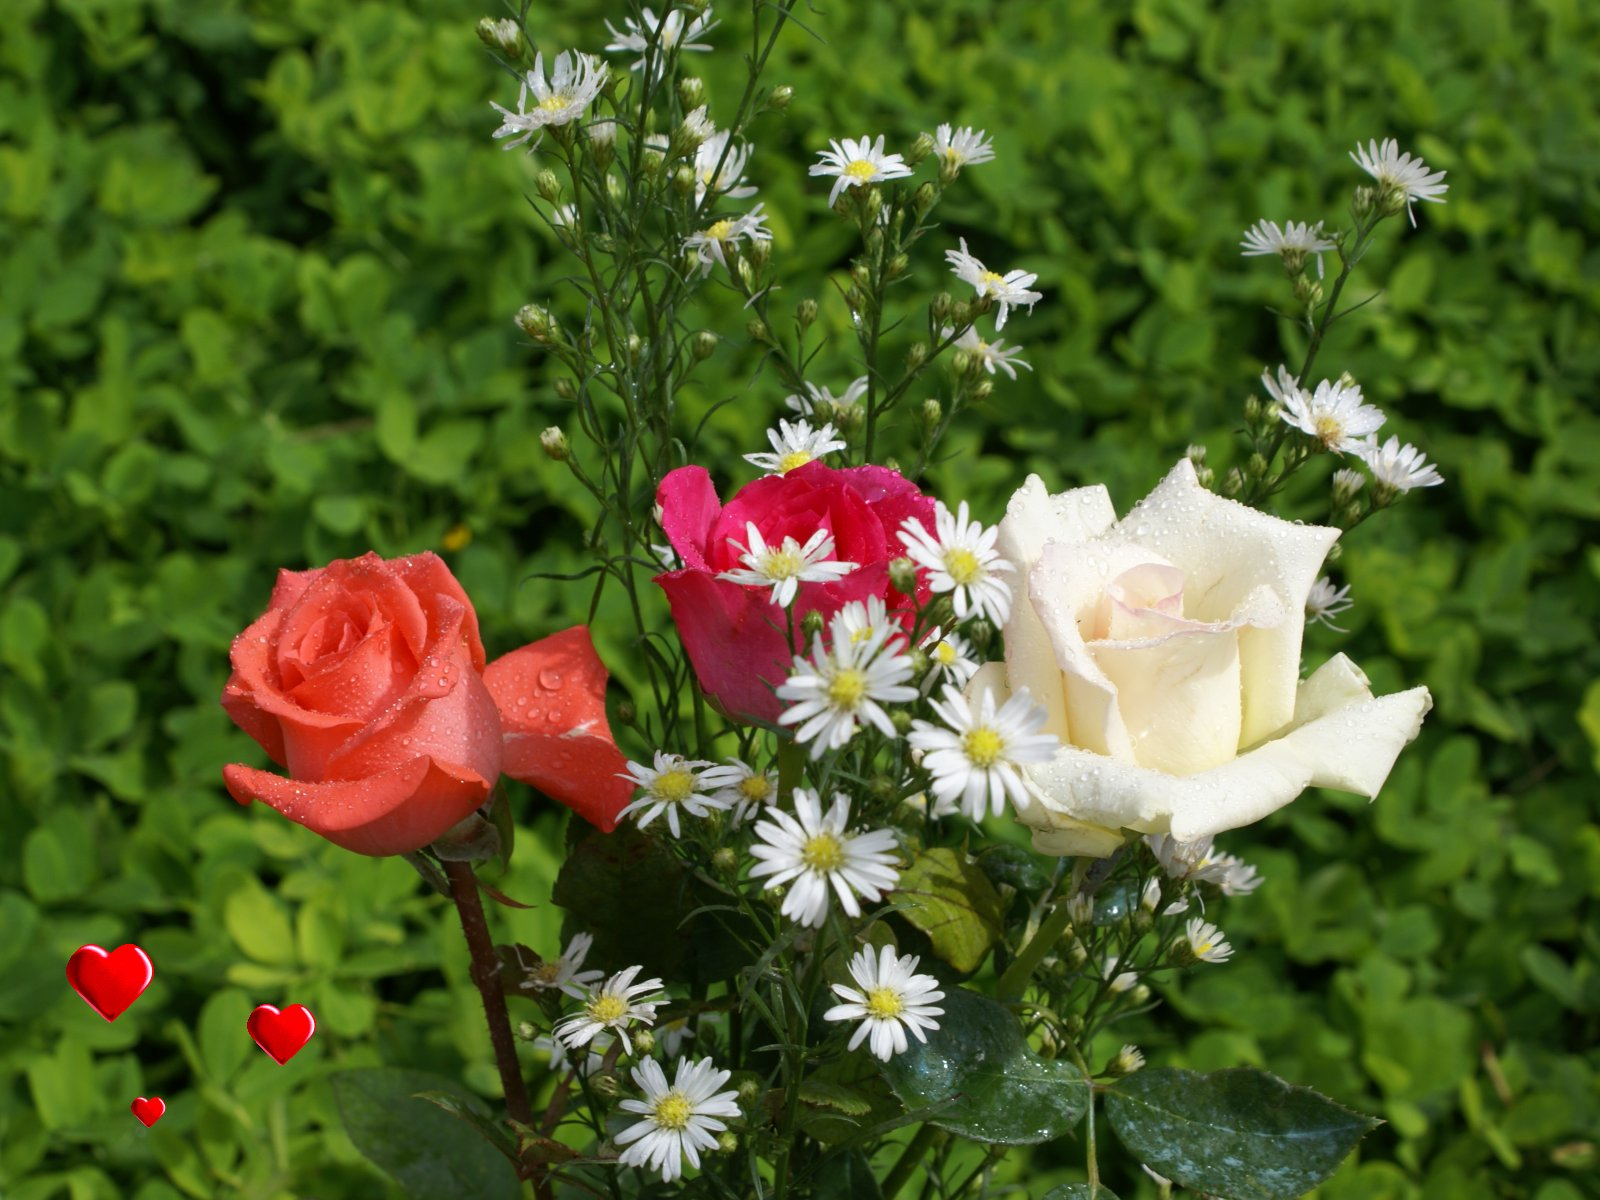 les roses d amour l 39 atelier des fleurs. Black Bedroom Furniture Sets. Home Design Ideas